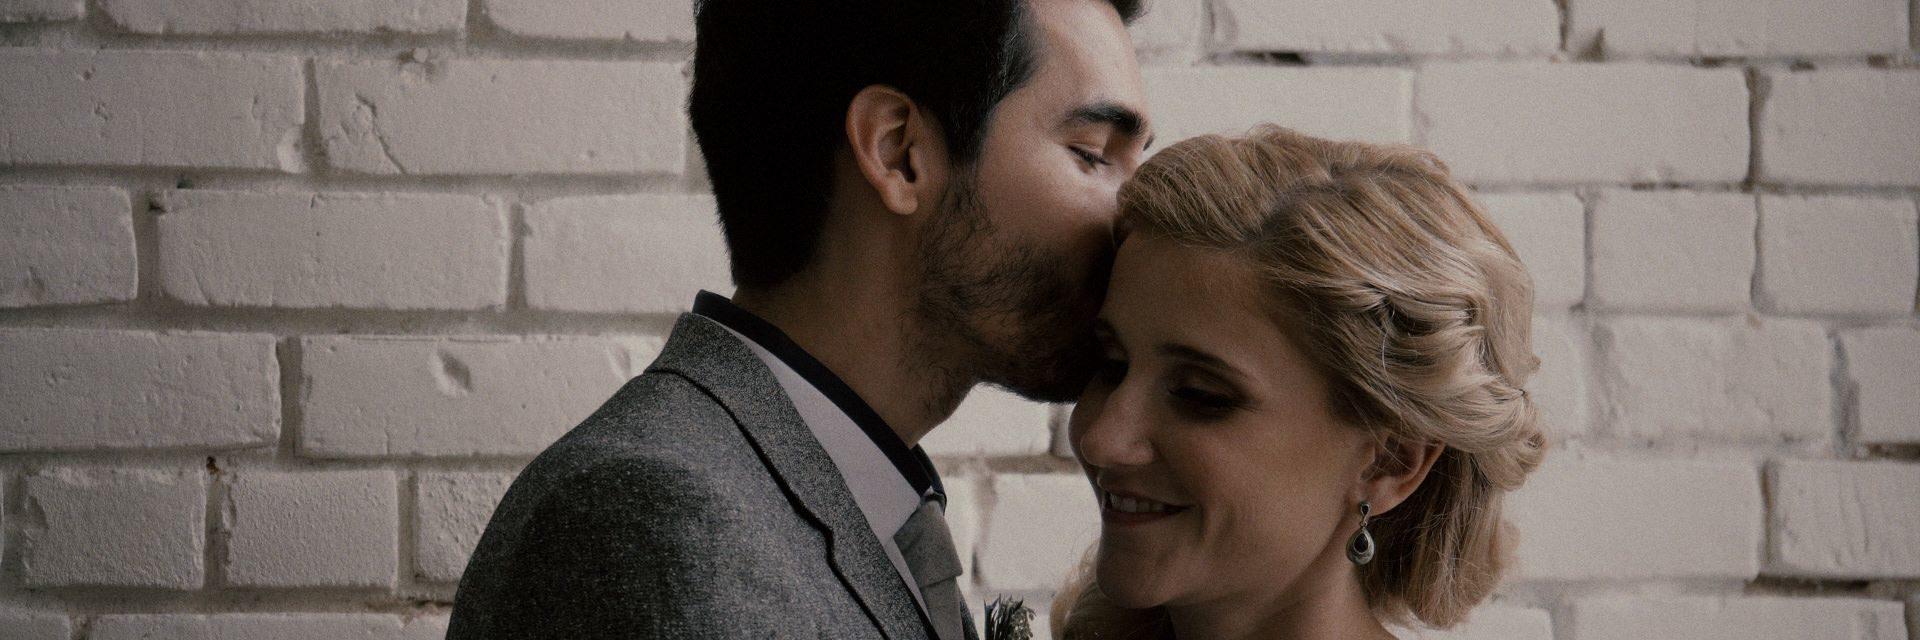 Stockholm-wedding-videographer-cinemate-films-03